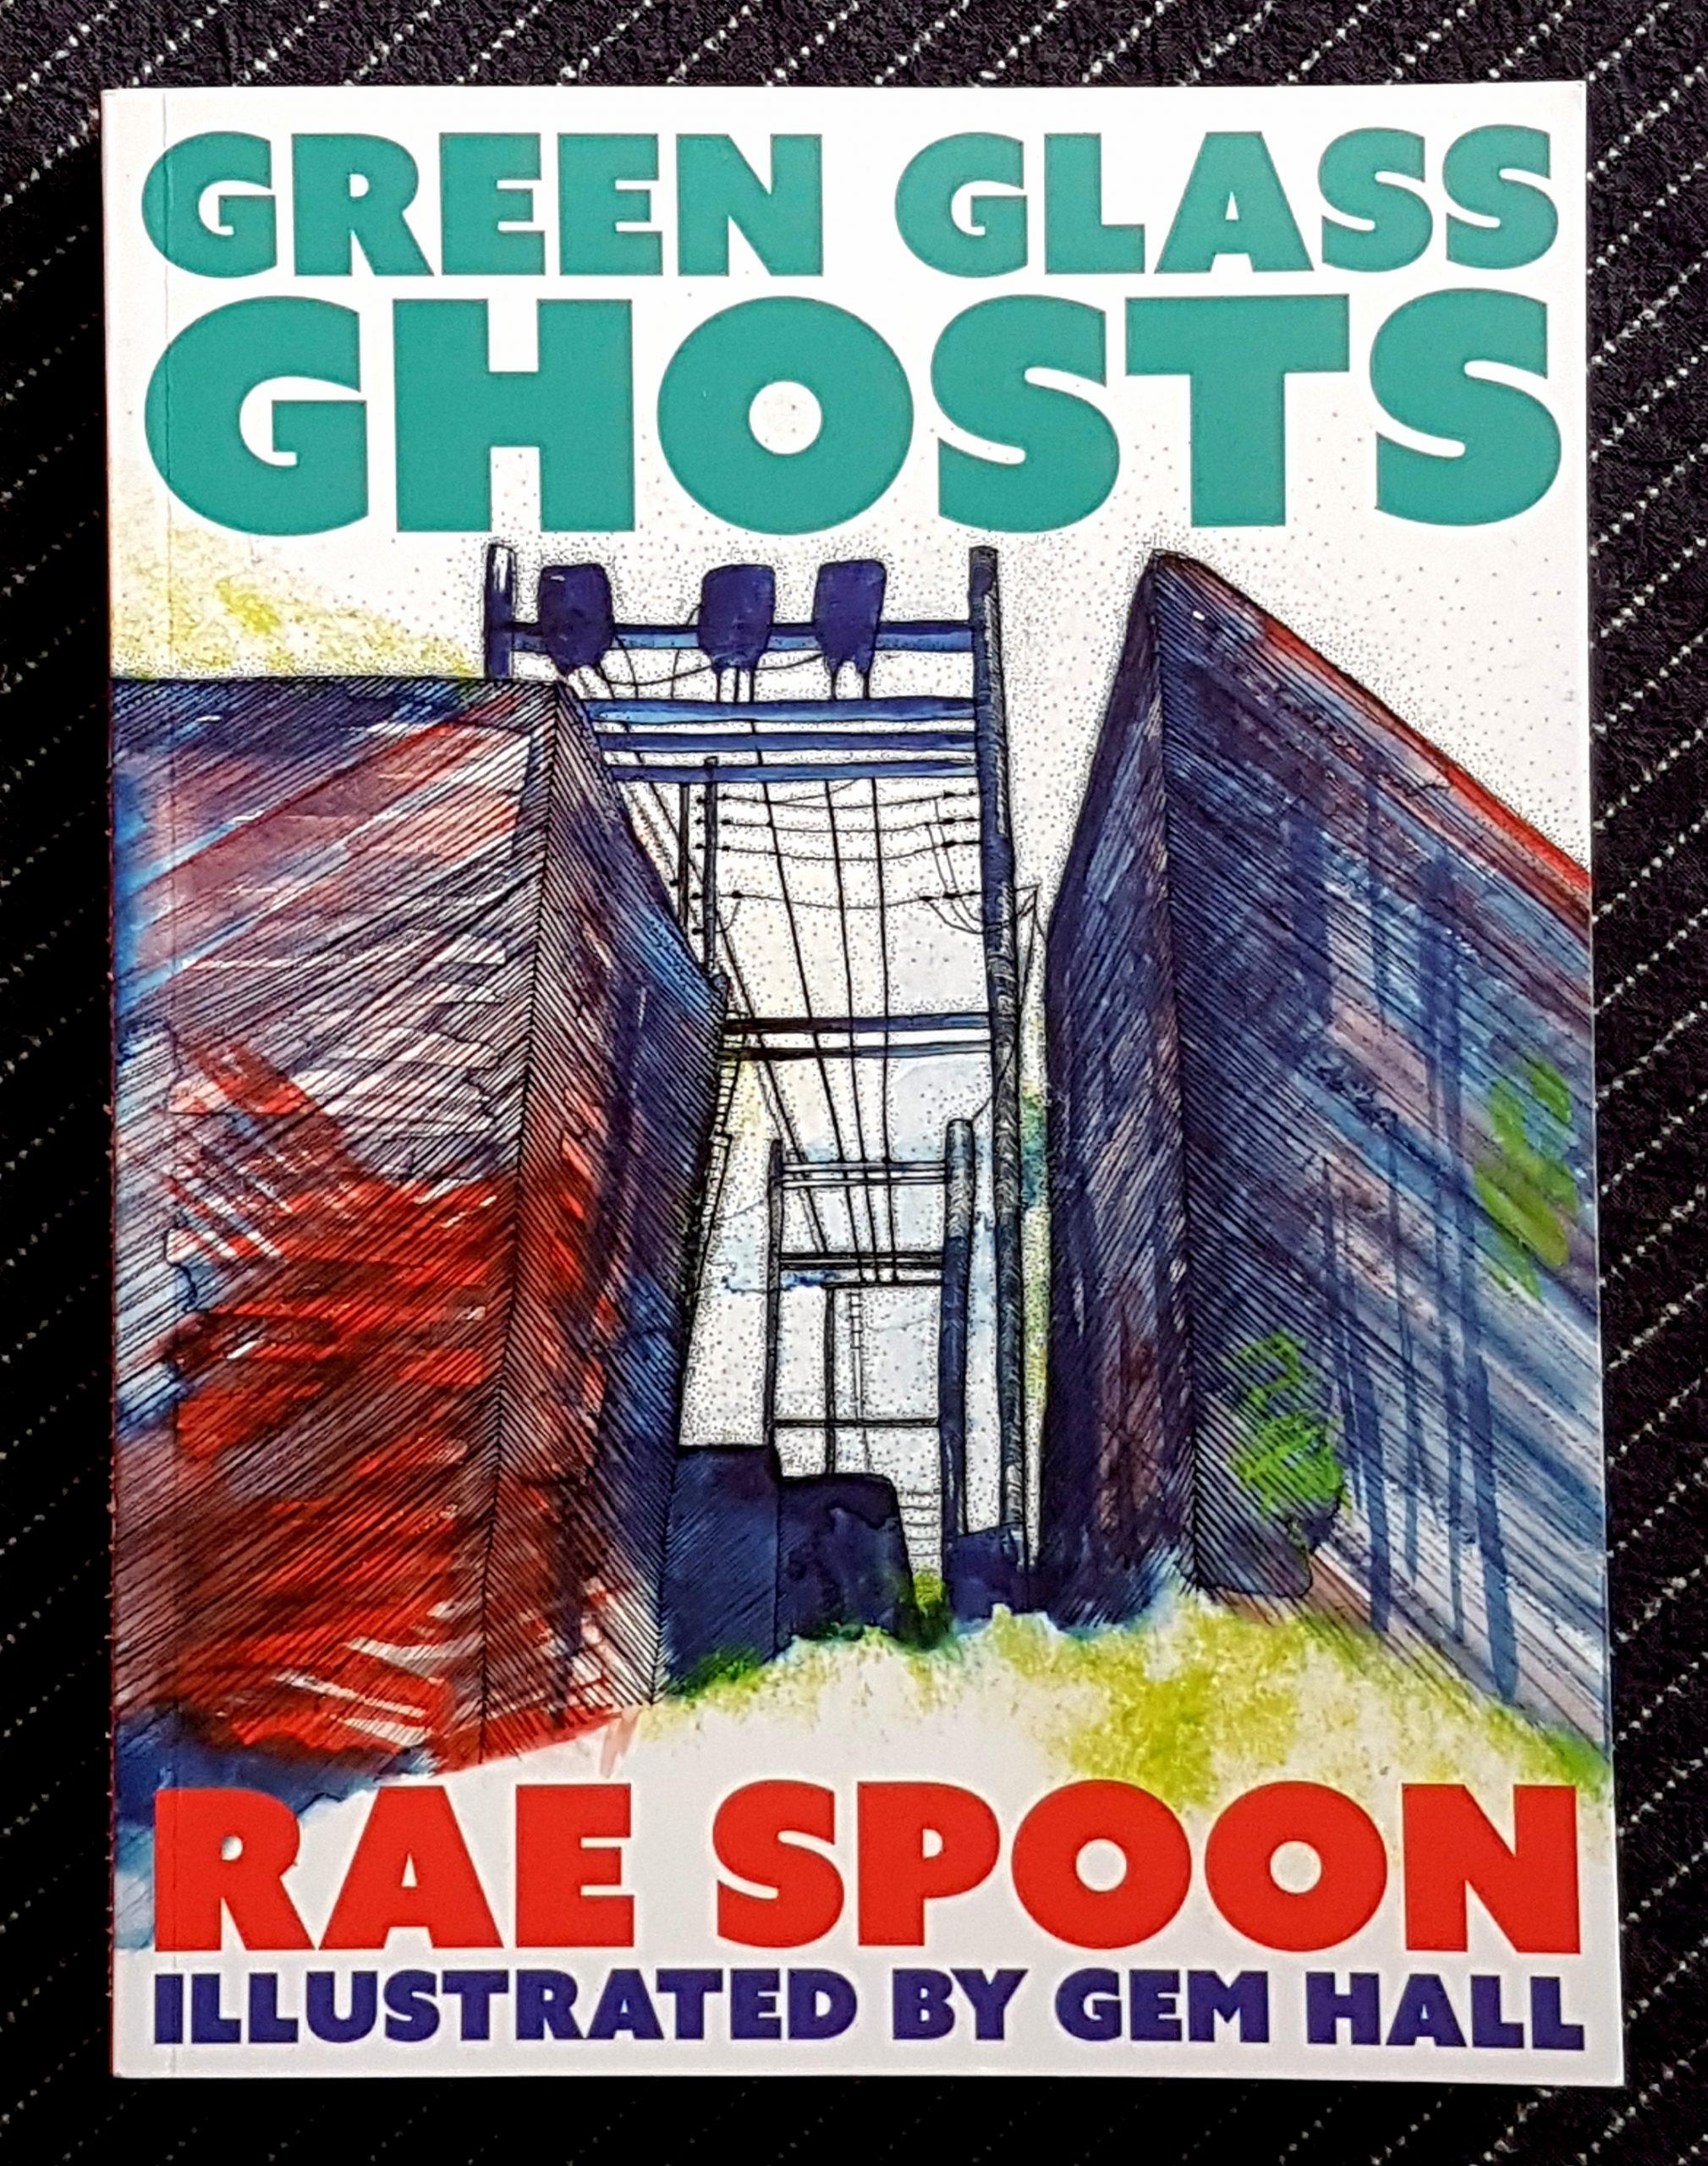 Buchdeckel von 'Green Glass Ghosts' von Rae Spoon illustriert von Gem Hall. Eine Finelinerzeichnung von Gebäuden und Stromleitungen, rot, grün und blau aquarellisiert.